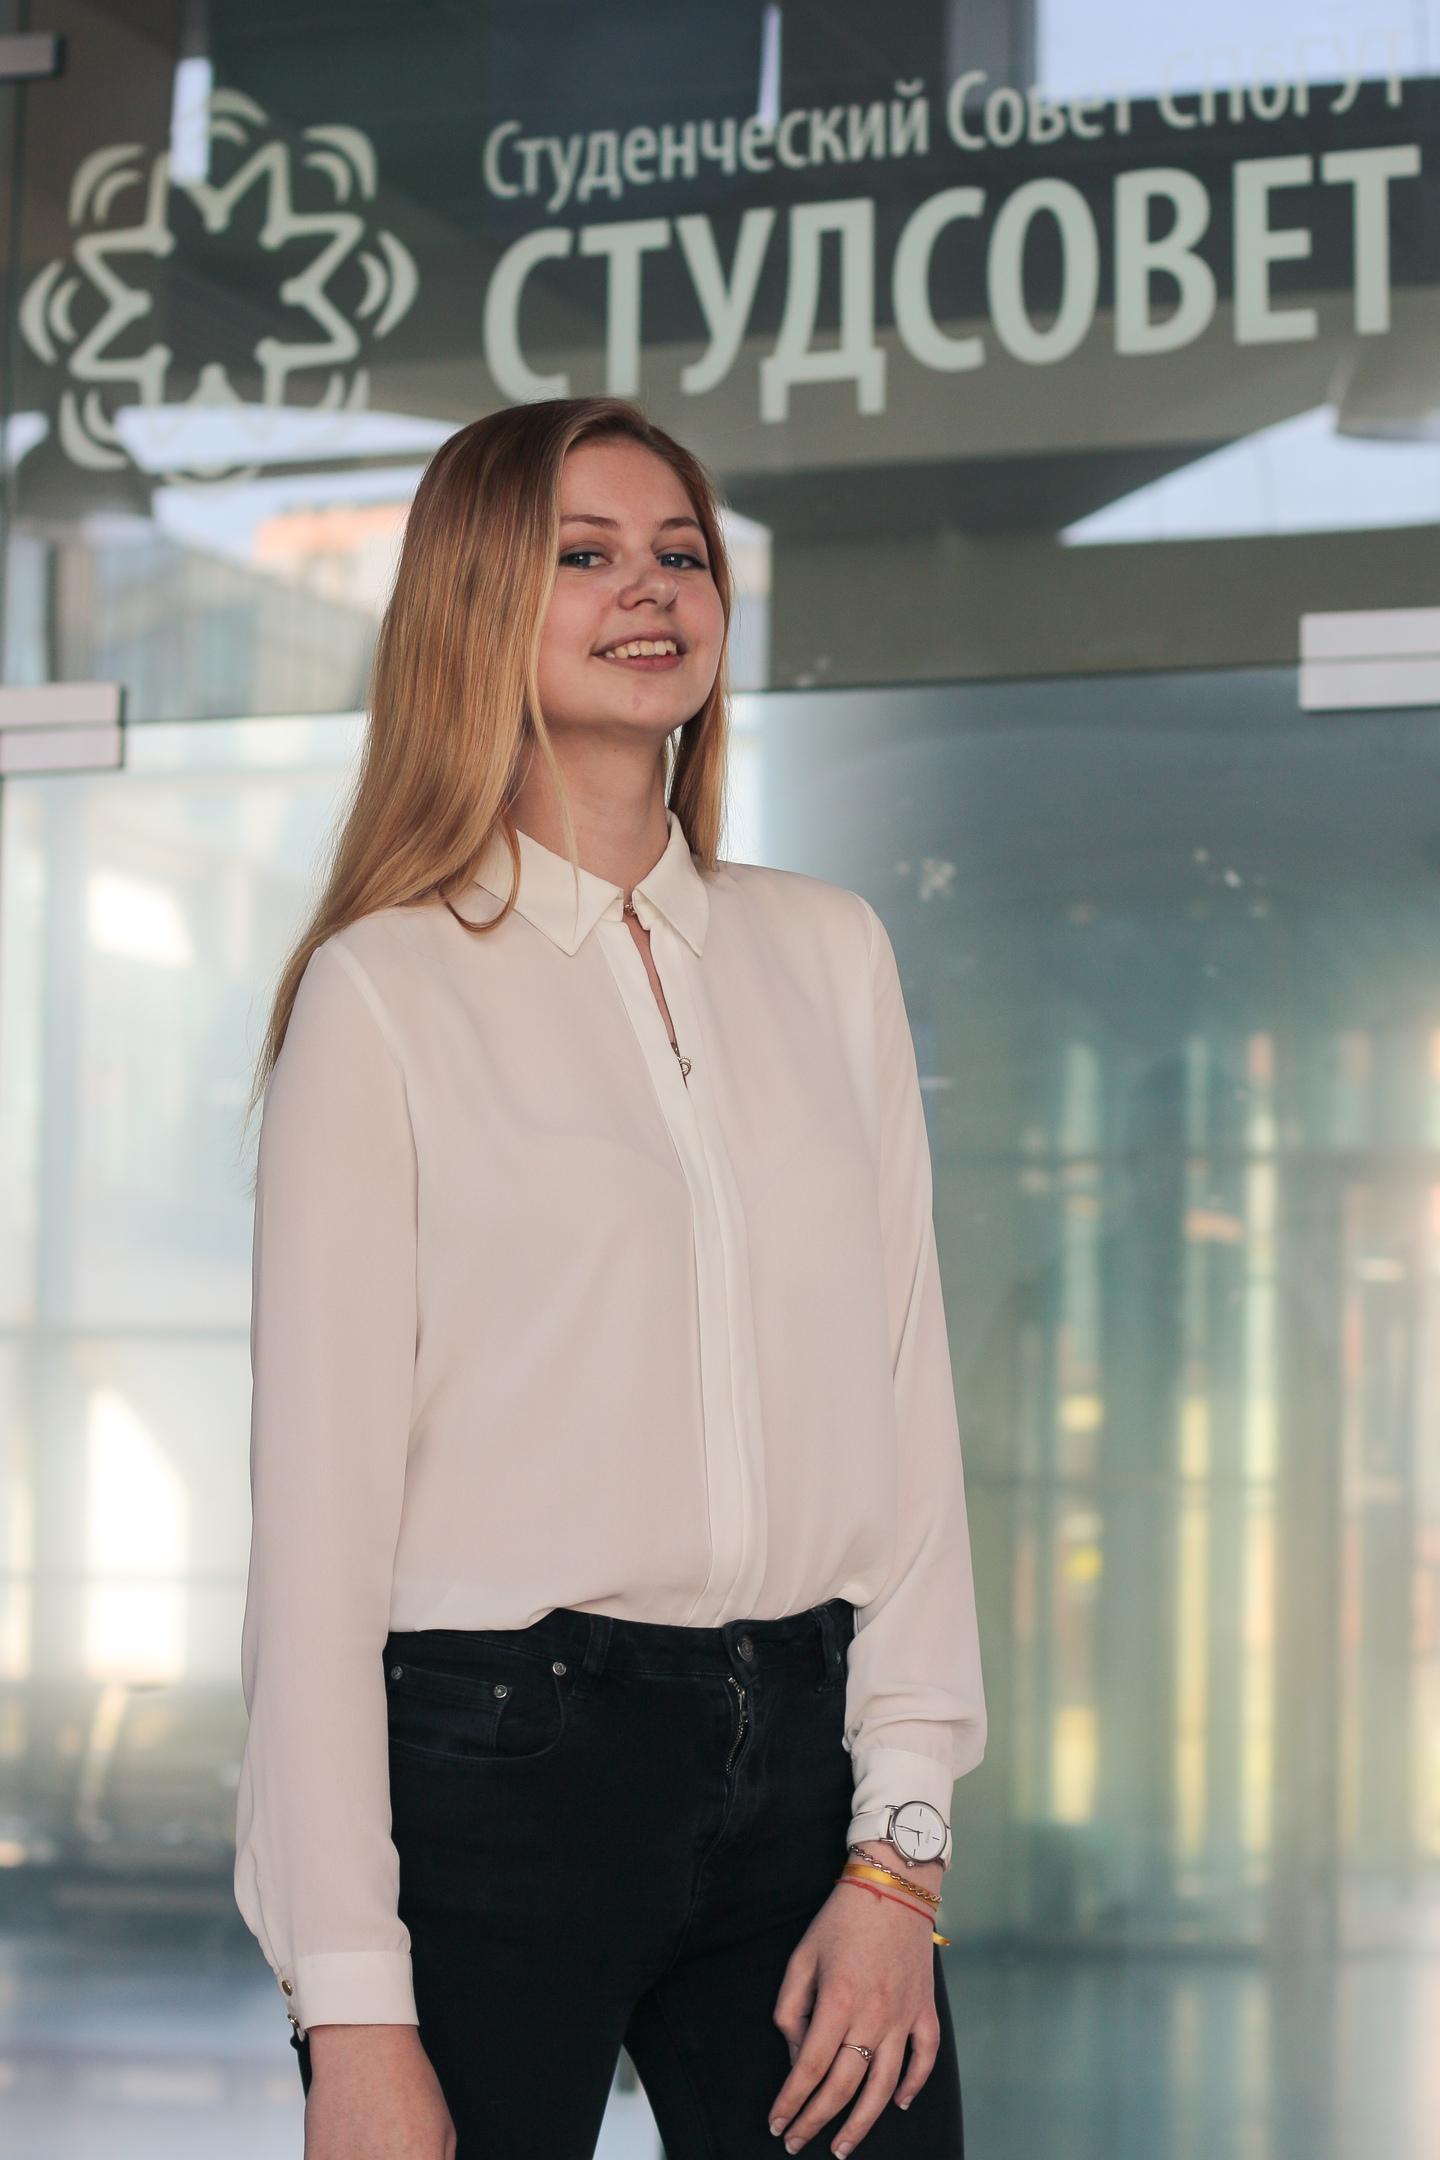 Костенко Александра